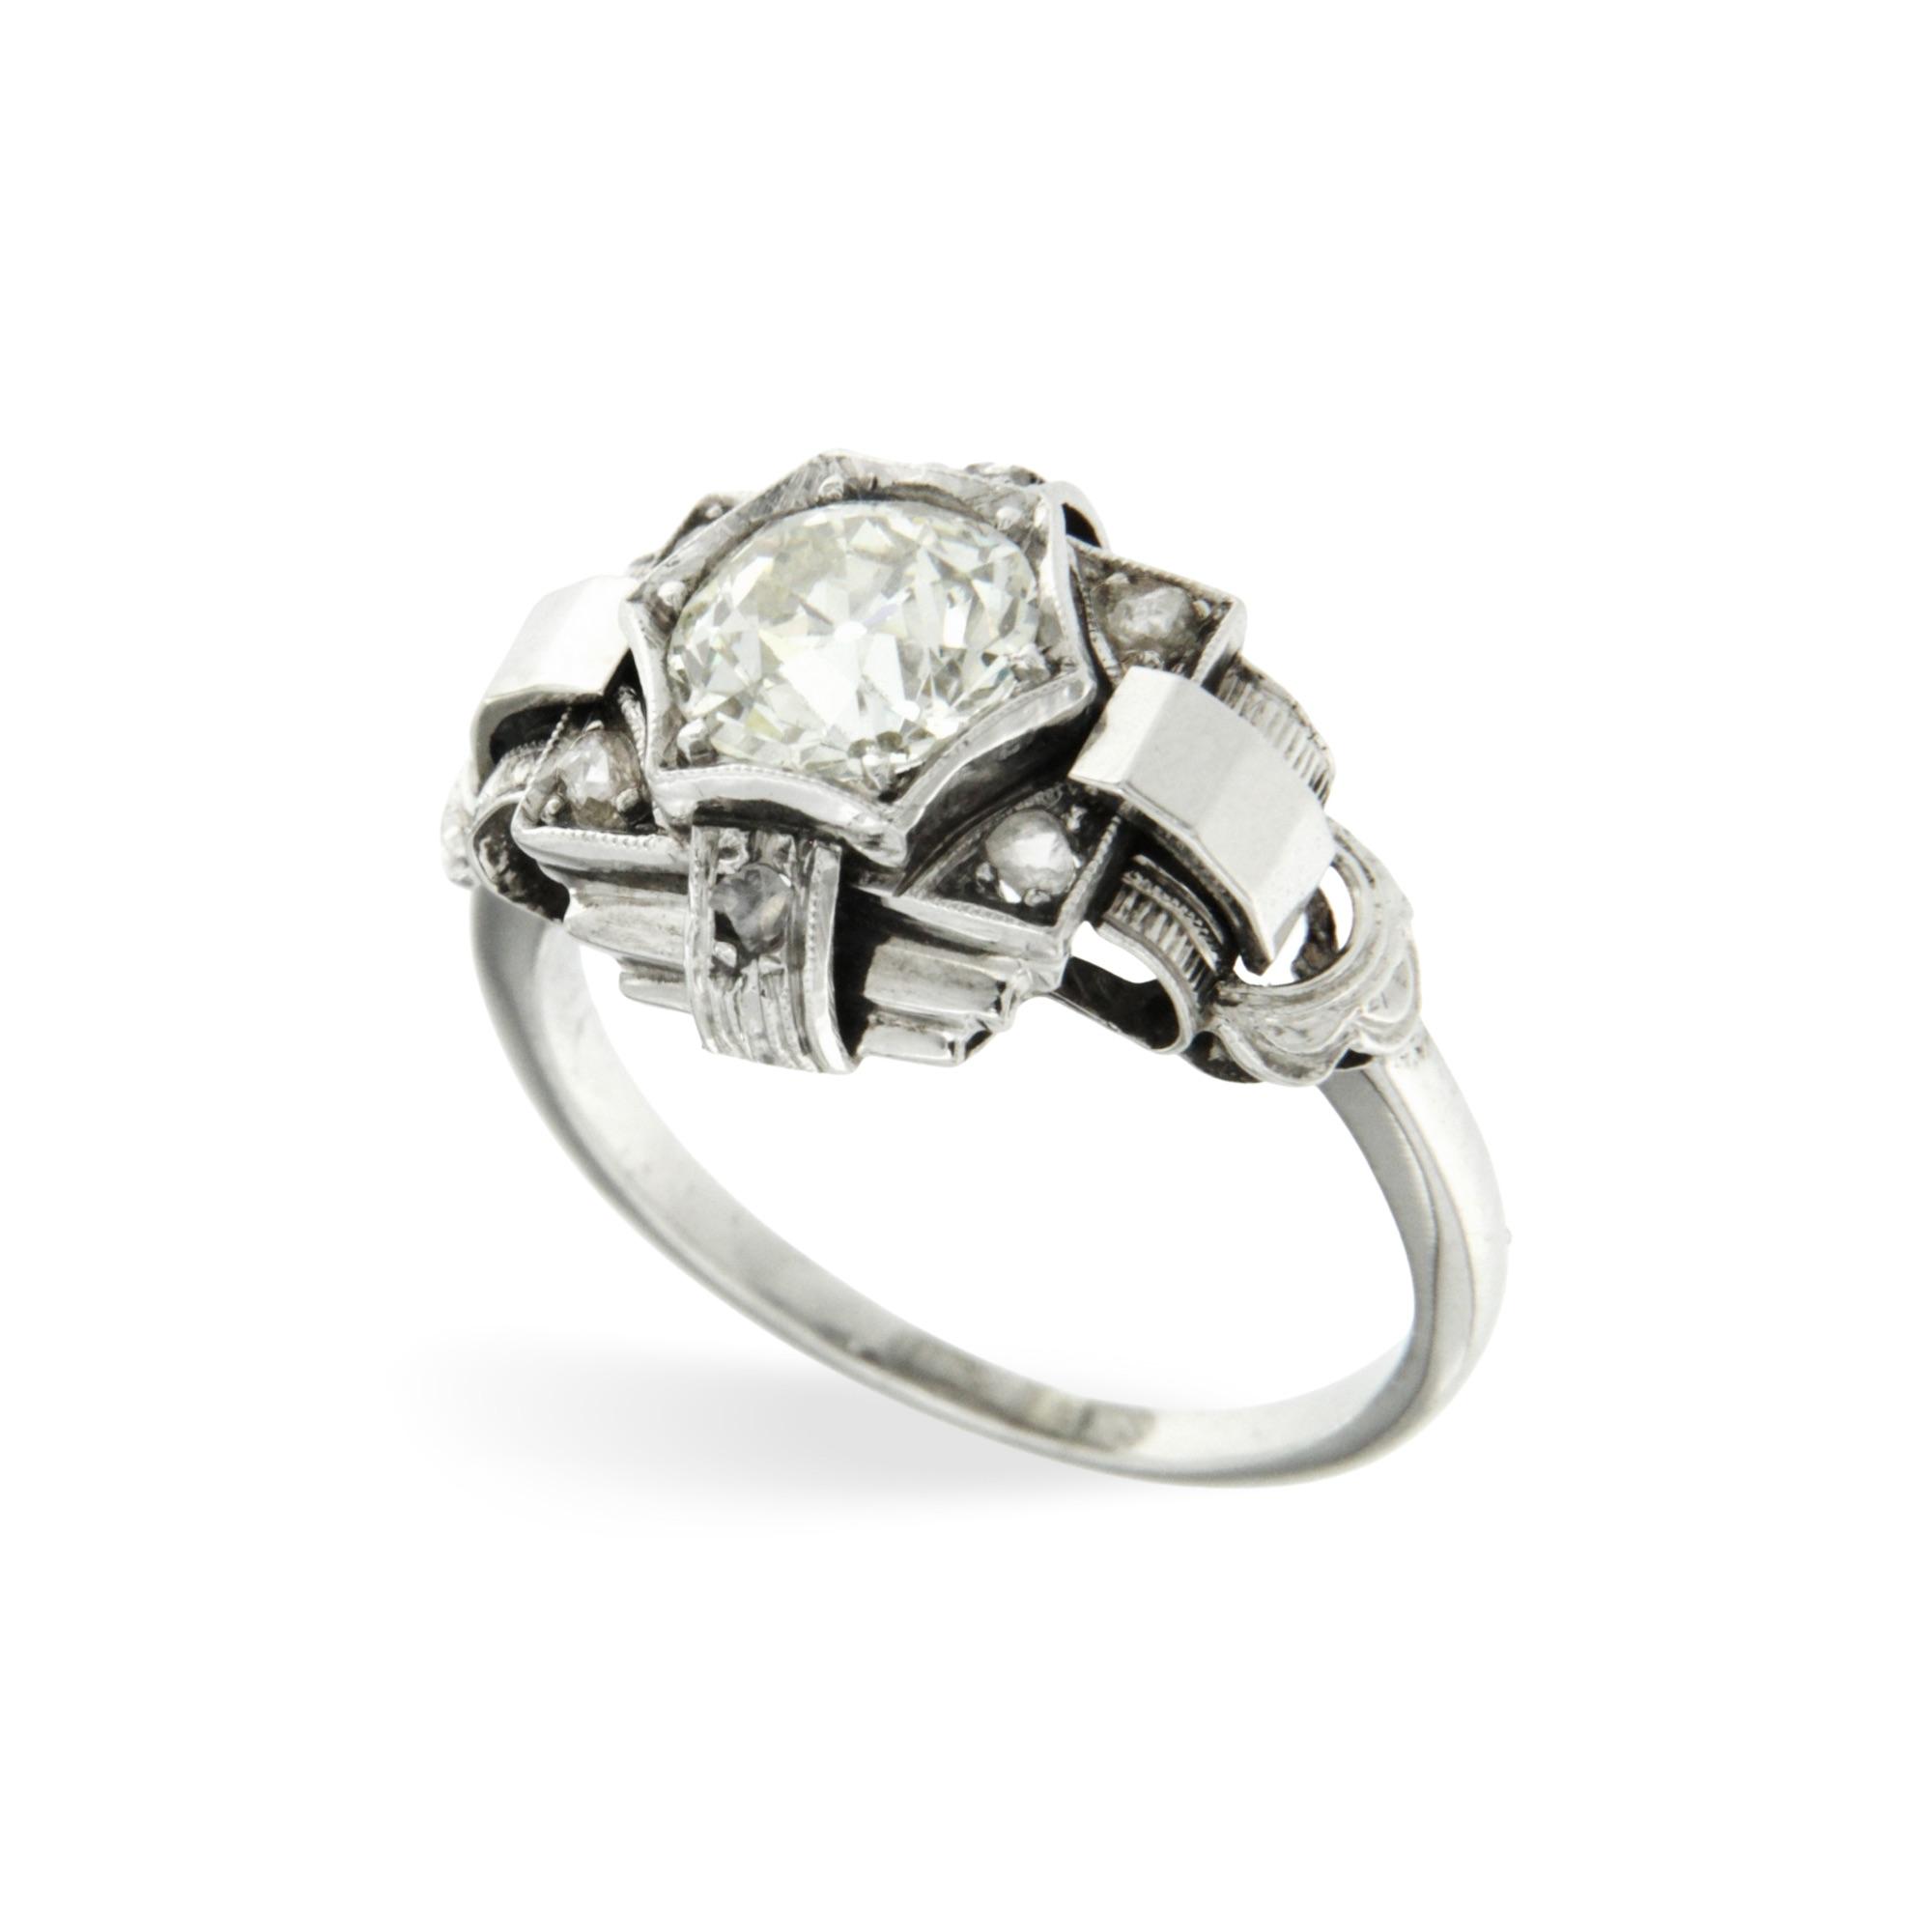 Anello oro bianco con un diamante vecchio taglio